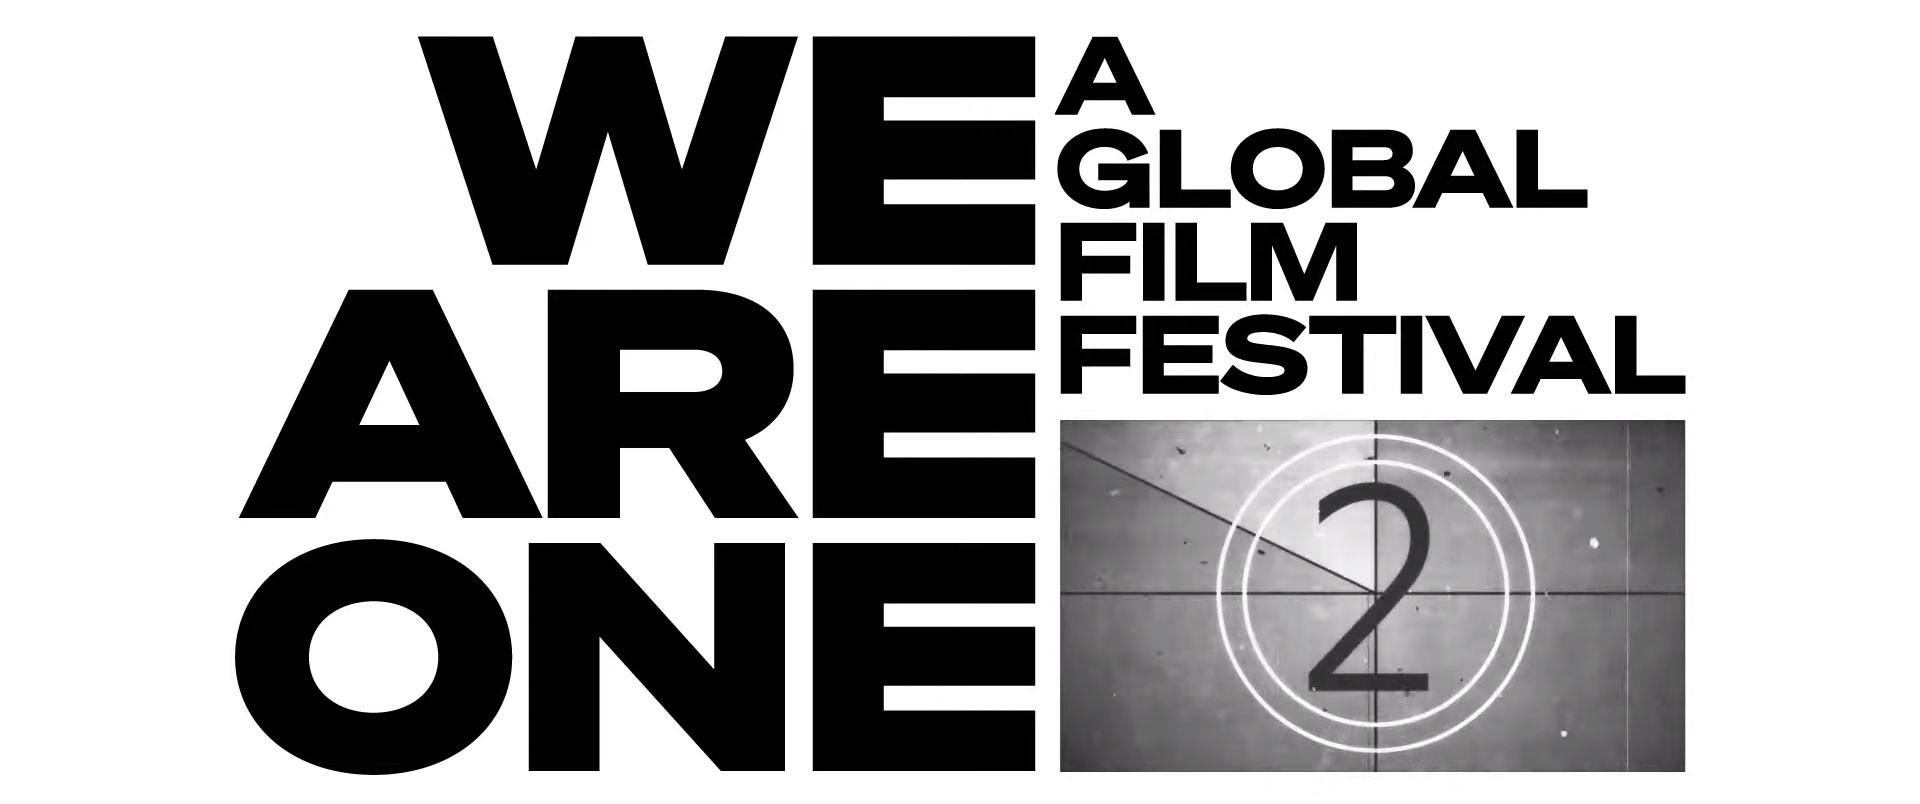 Maiores festivais de cinema do mundo se unem para evento de streaming de filmes por dez dias